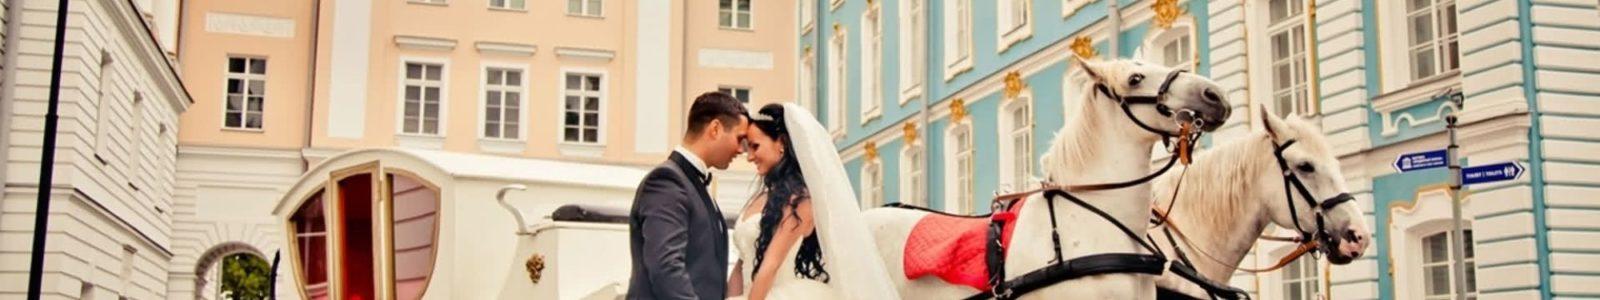 Безупречно оформление свадьбы 2018 – самые модные тенденции и креативные идеи